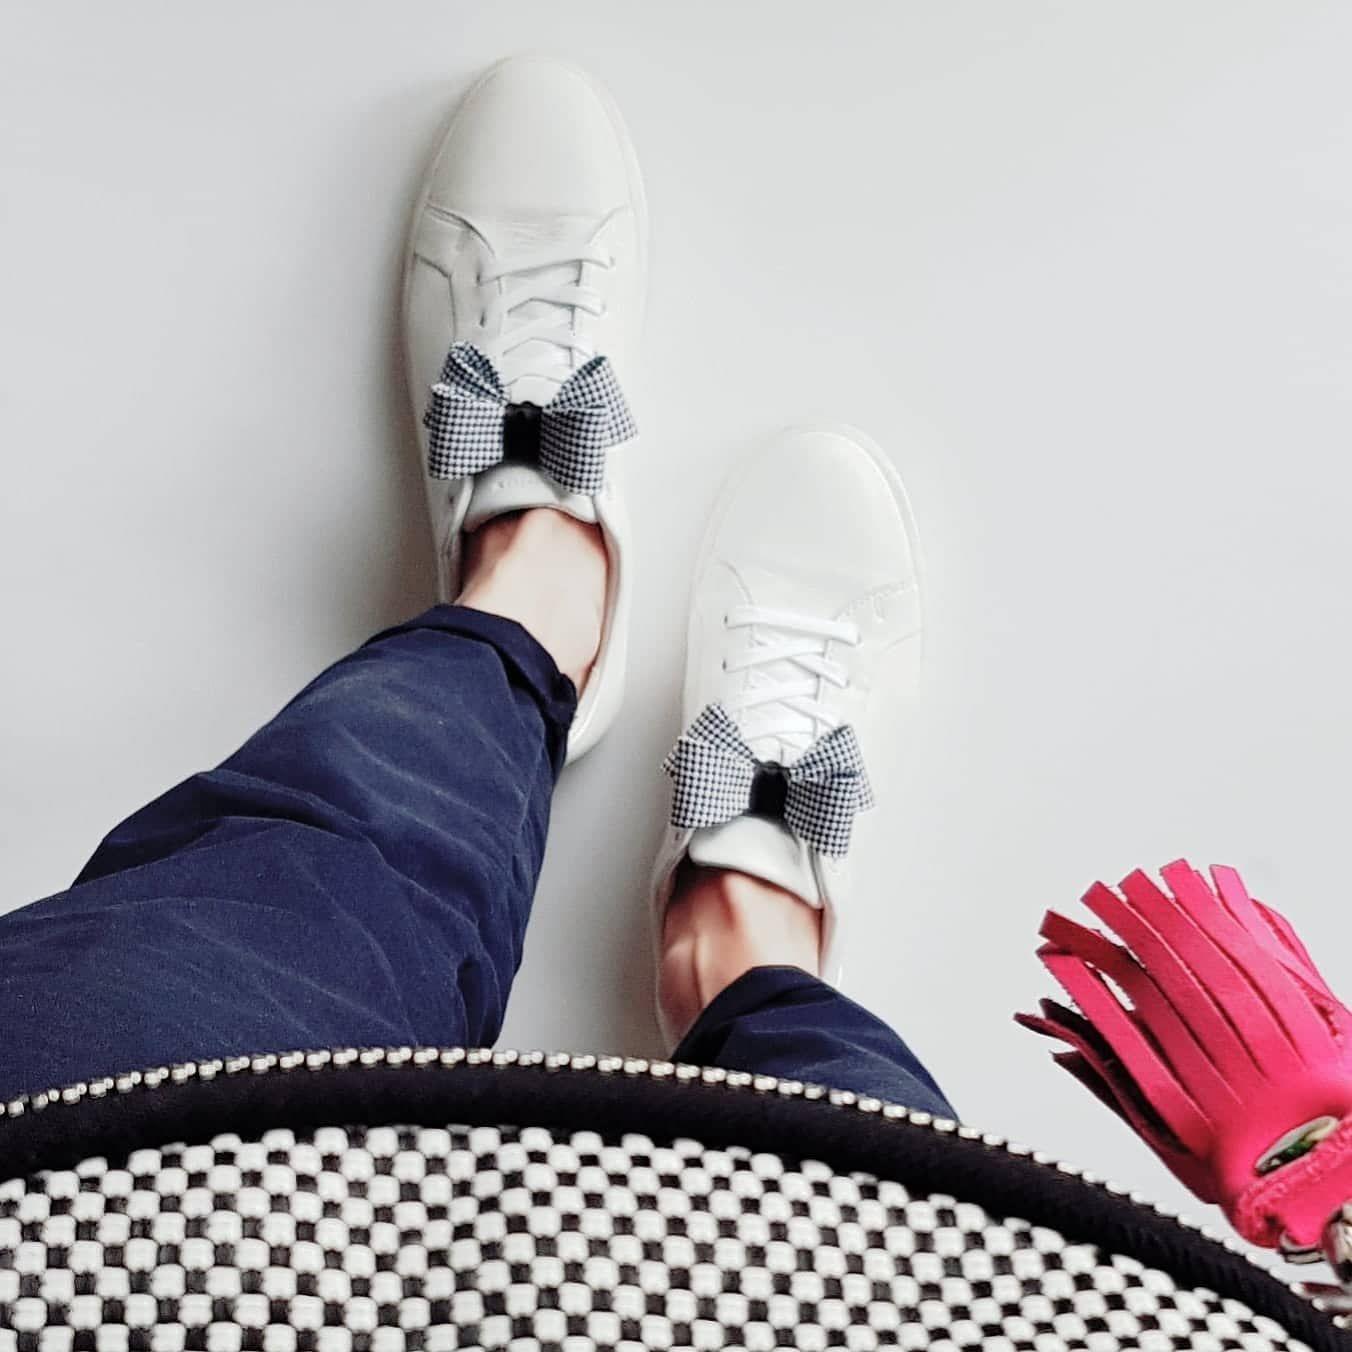 Kiedy Robilam Pierwszy Krok W Biznesie To Na Waznym Spotkaniu Spadly Mi Buty Znajomi Sie Smieja Ze To Typowe Dla Mnie I Nie Sa Shoe Clips Shoes Fashion